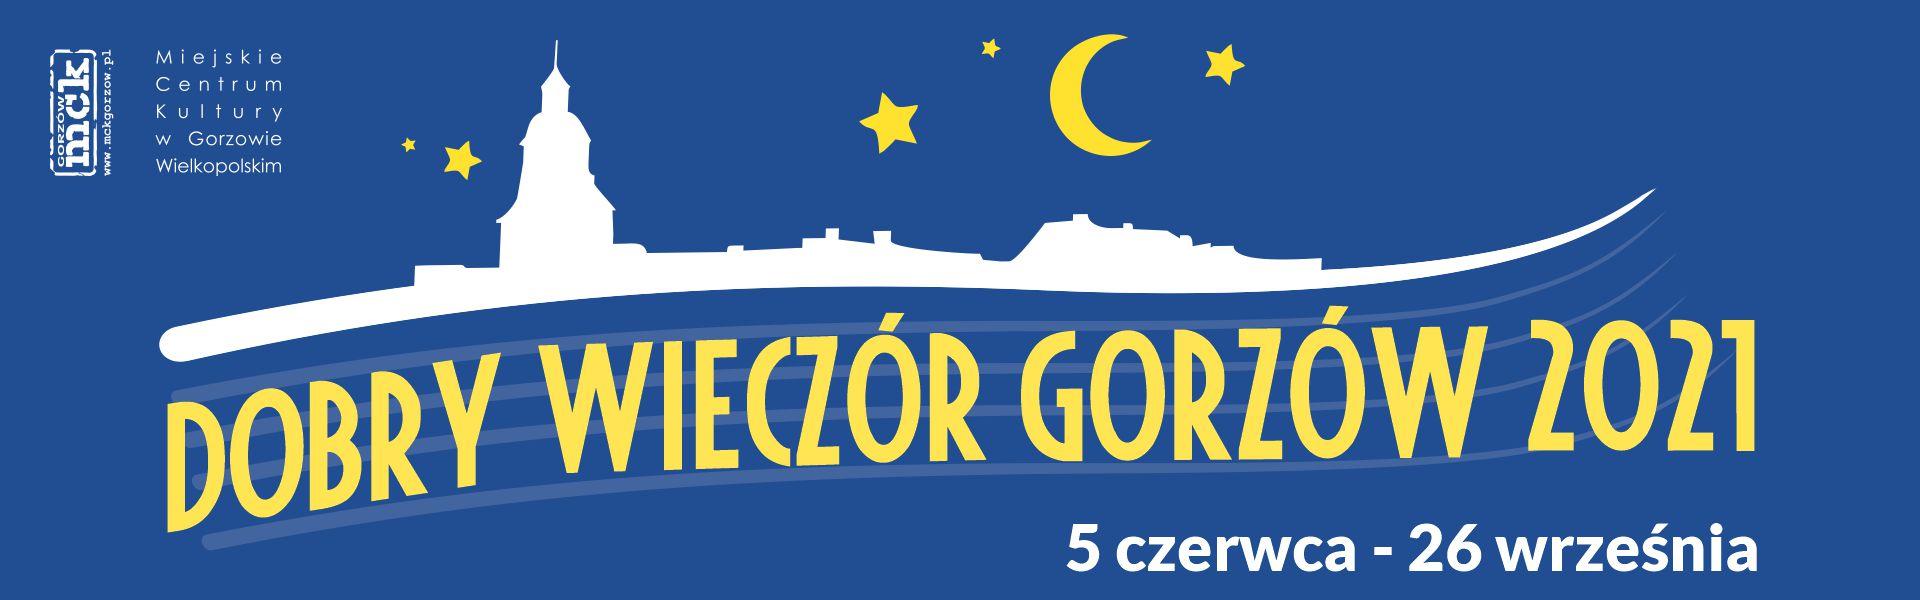 Dobry Wieczór Gorzów 2021 baner strona MCk